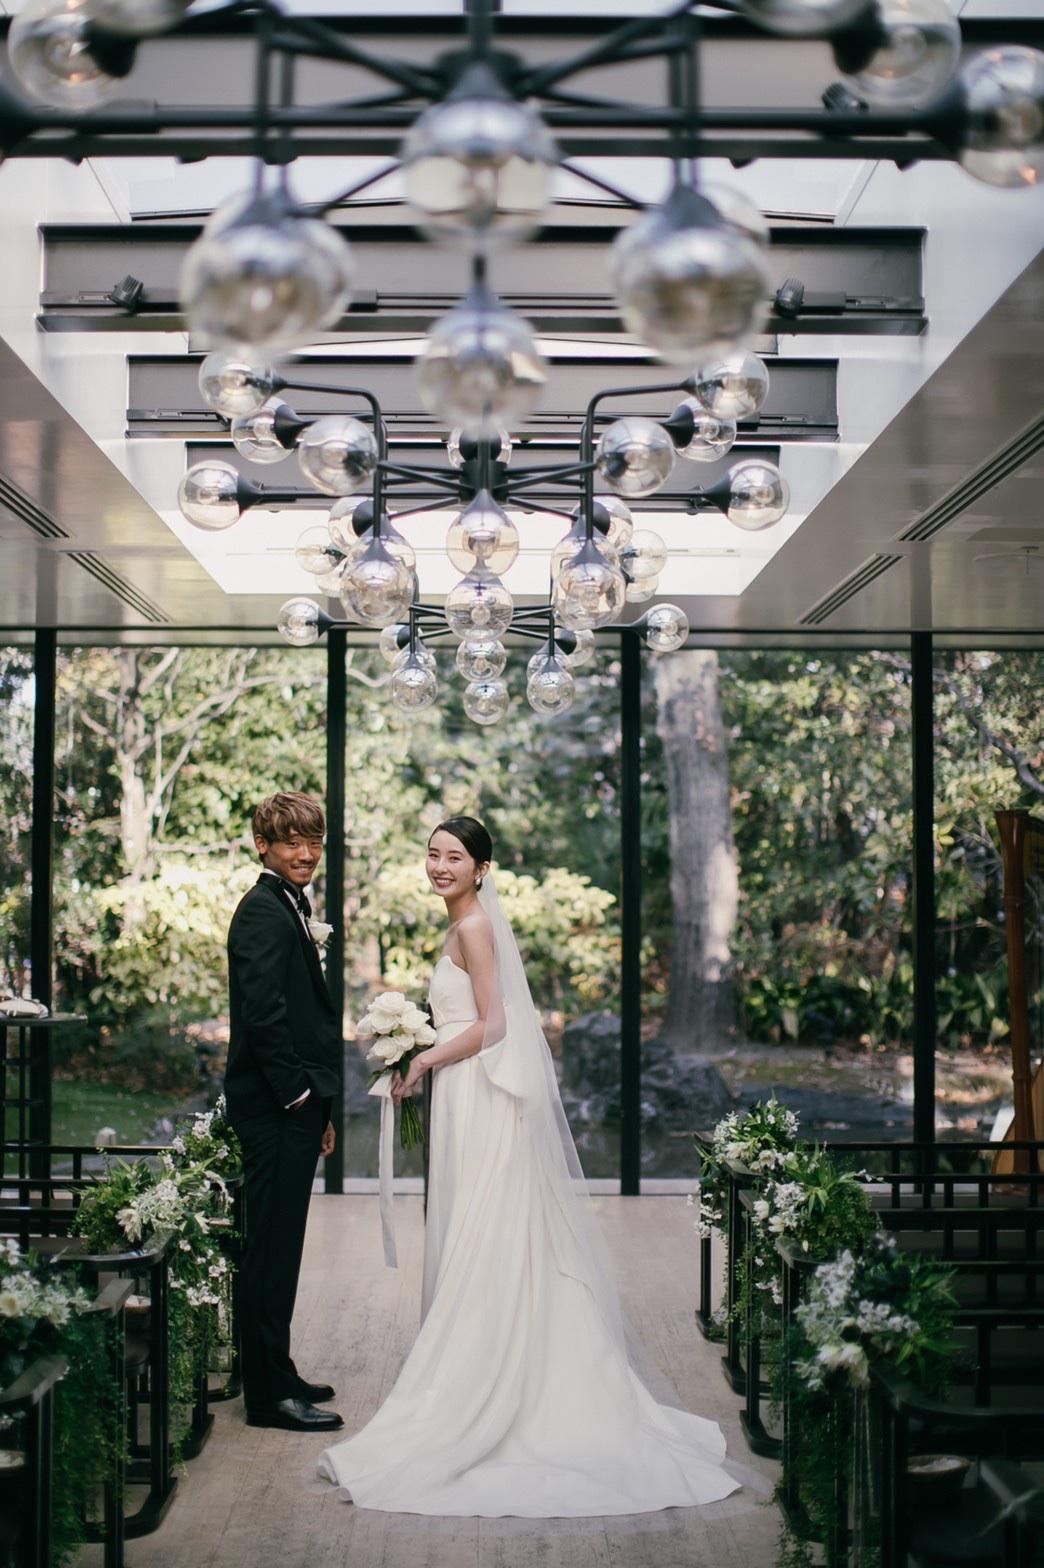 大阪で叶えられるナチュラルウェディング。グリーンたっぷりな空間でアットホームな結婚式を。